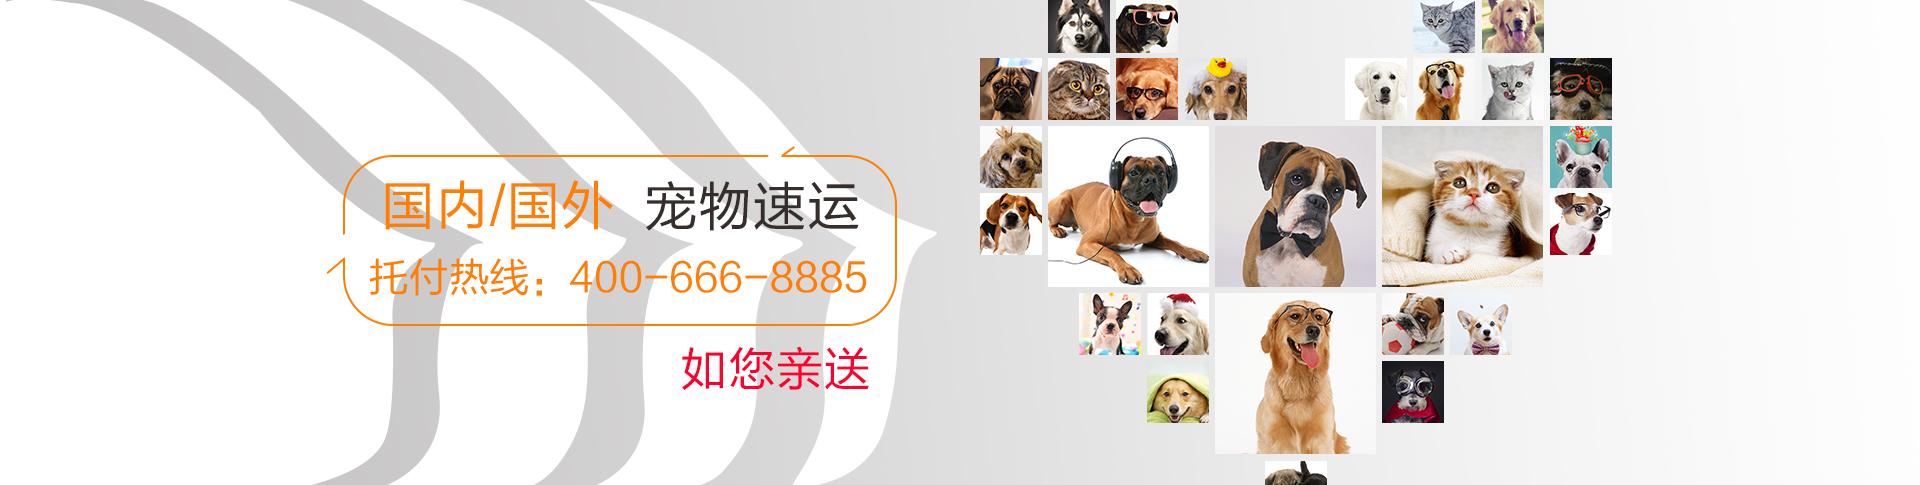 国内国际宠物托运